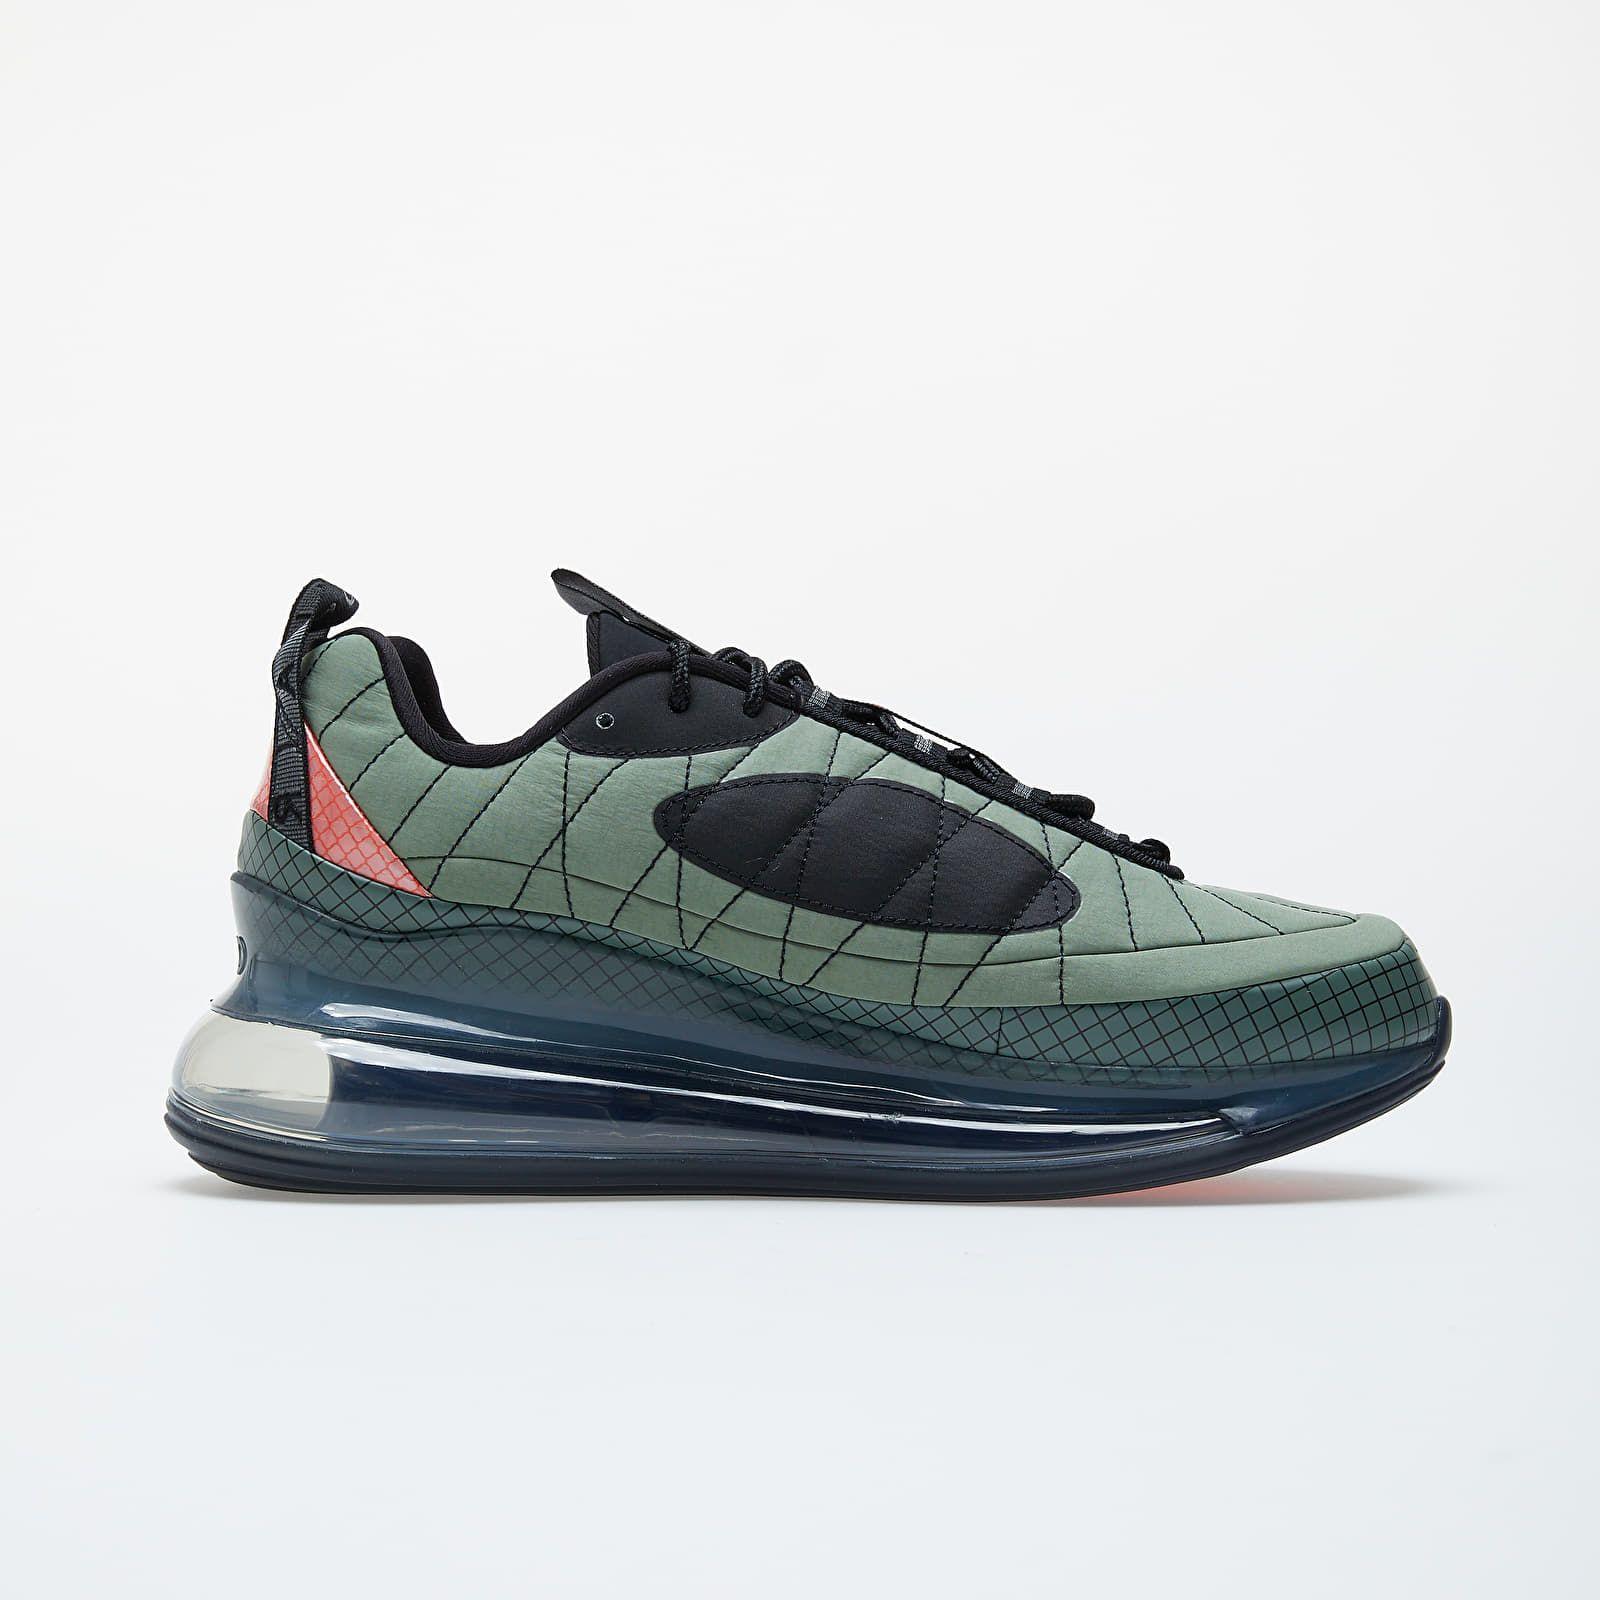 Revolučné tenisky, ktoré sú s nami už 40 rokov. Modelová rada Air Max od Nike je stelesnením pohodlnej obuvi